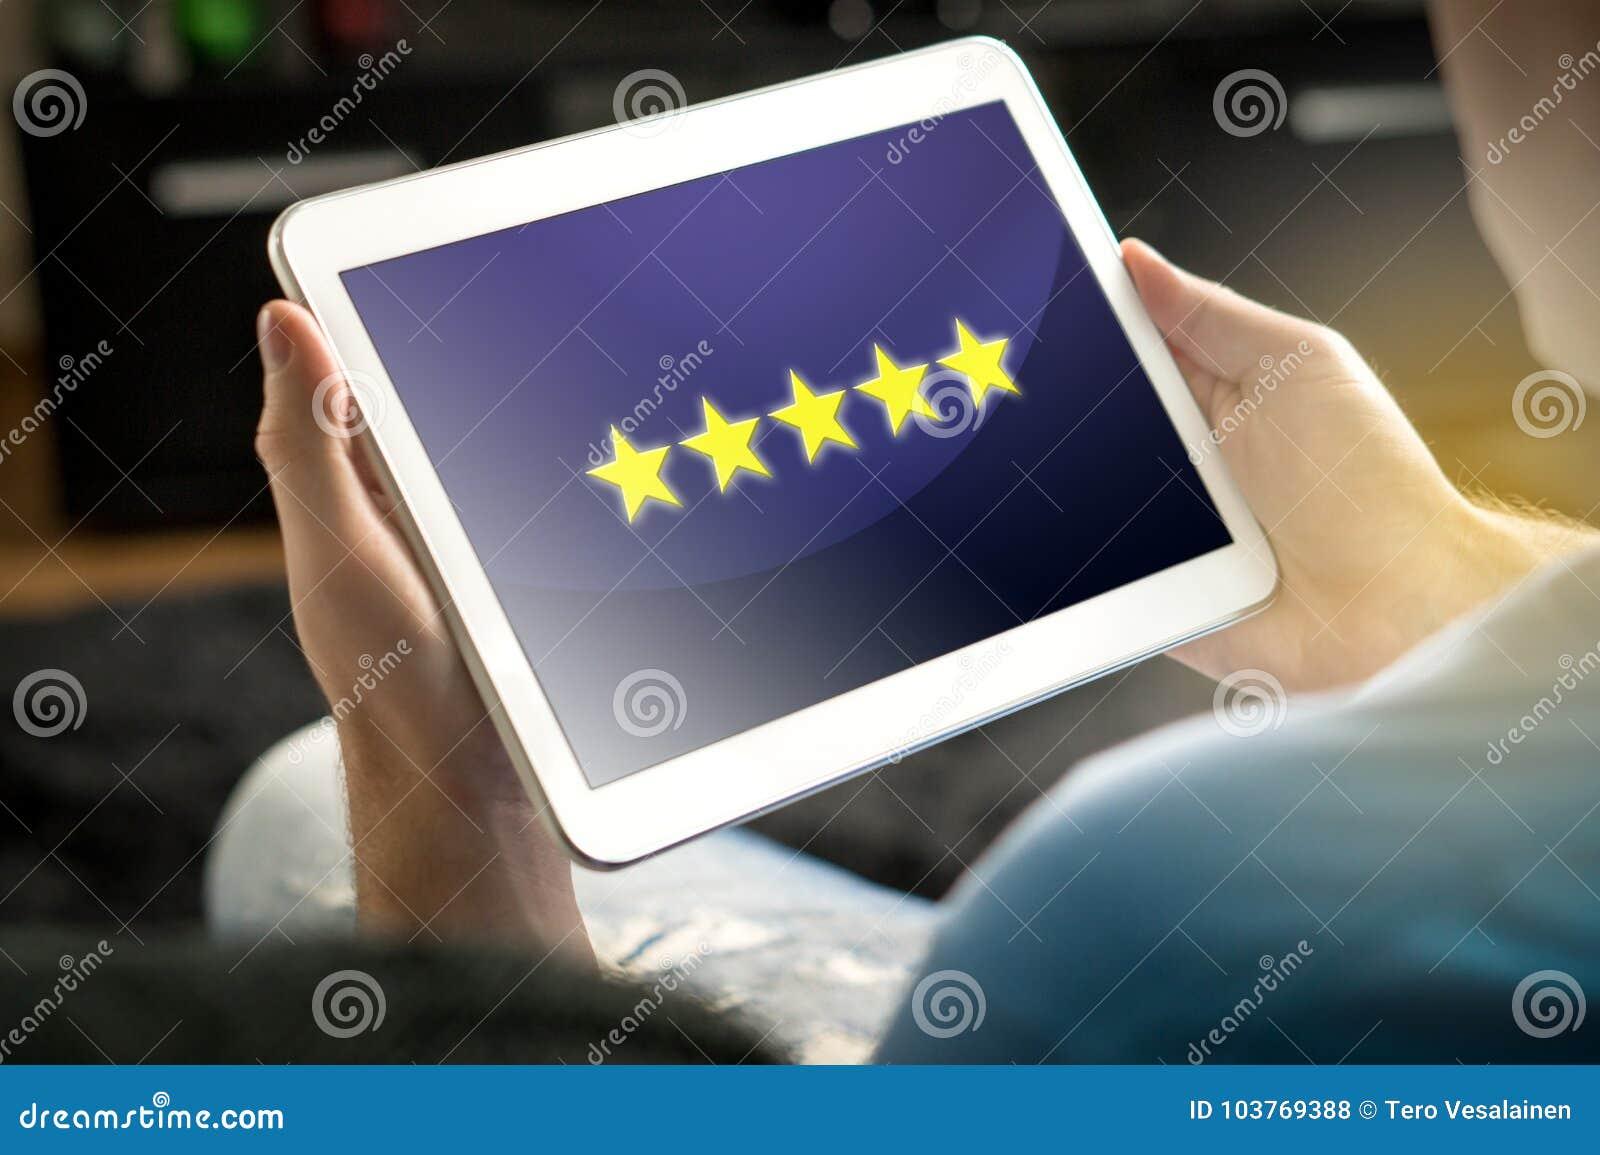 Bewertung und Bericht mit fünf Sternen vom erfüllten und glücklichen Kunden